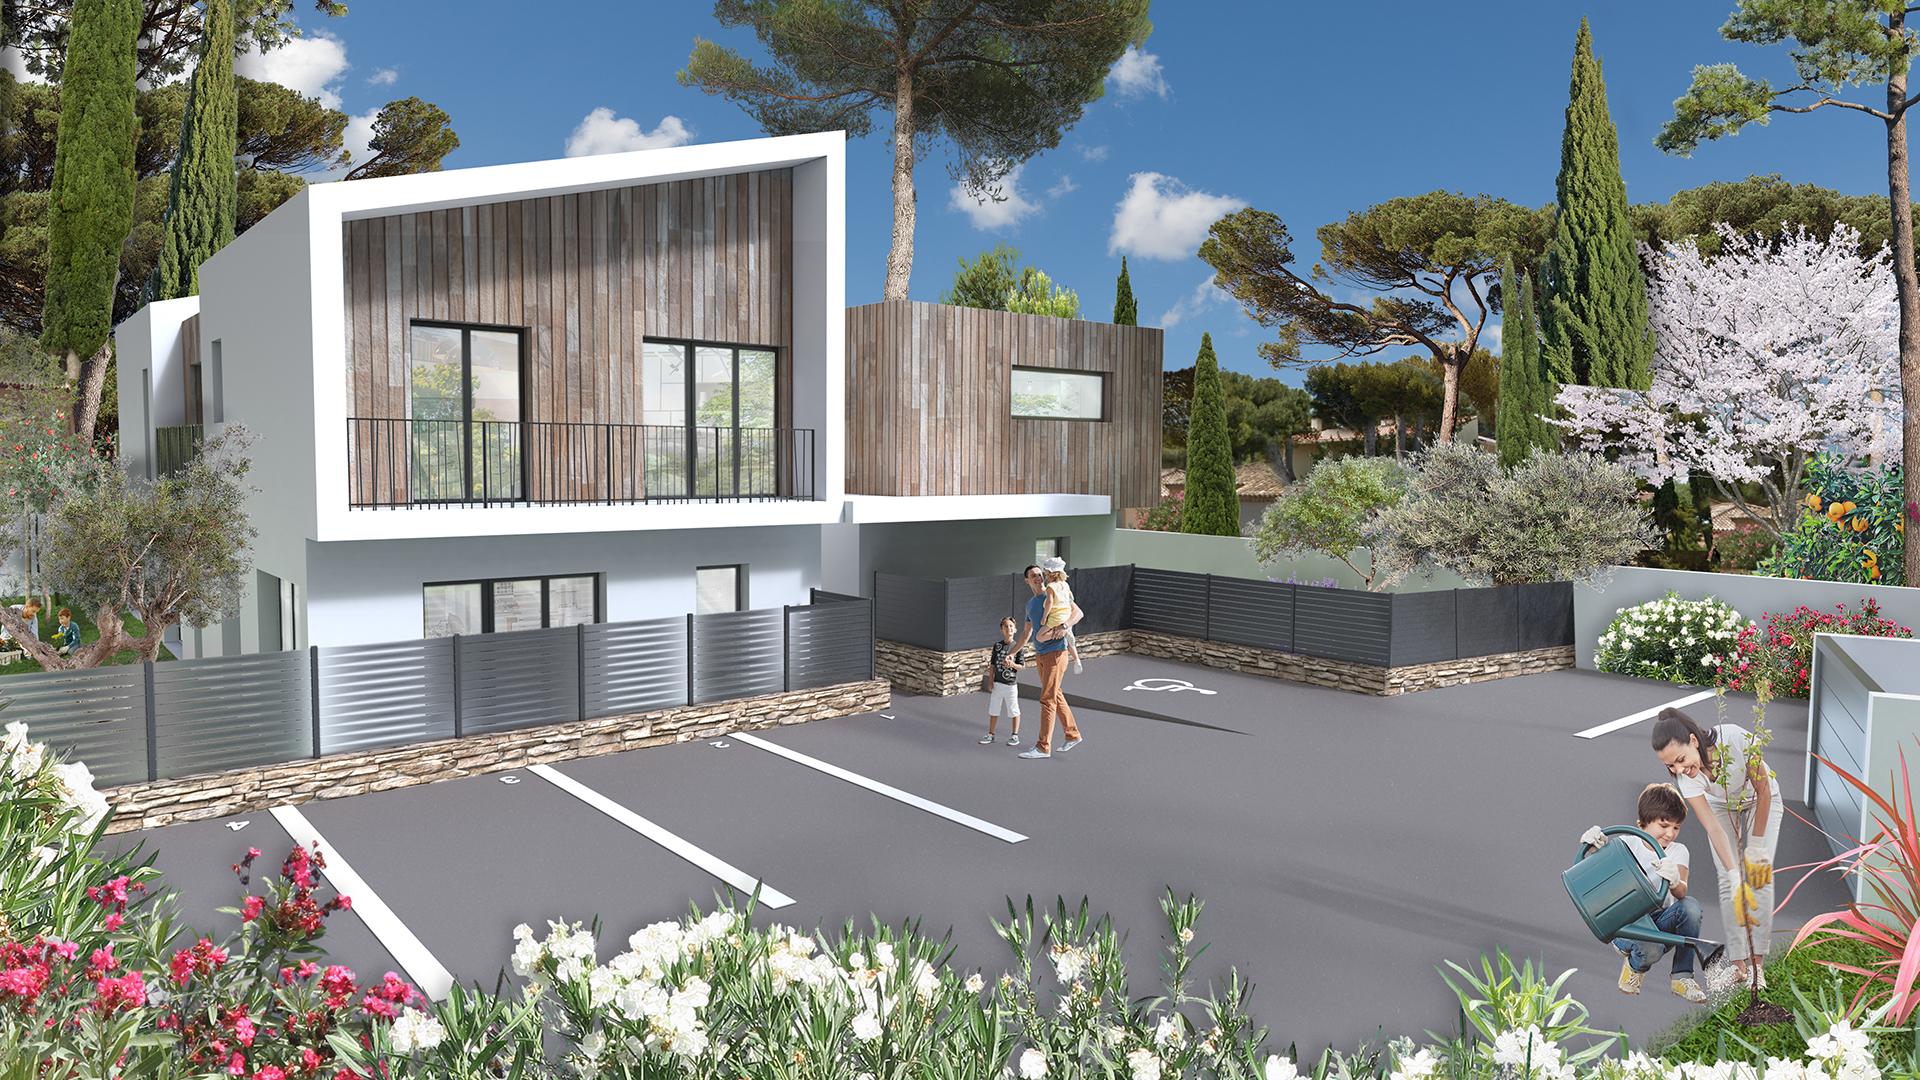 La perspective 3D d'une résidence